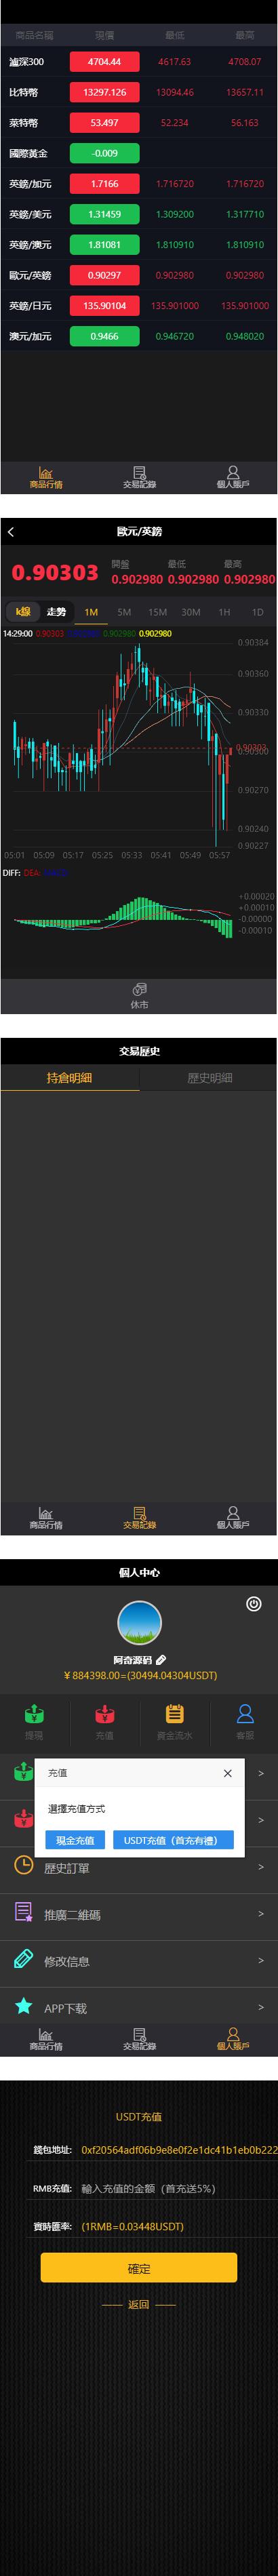 【繁体微盘】USDT微交易时间盘+K线完整[已清后门+去除广告] 第2张